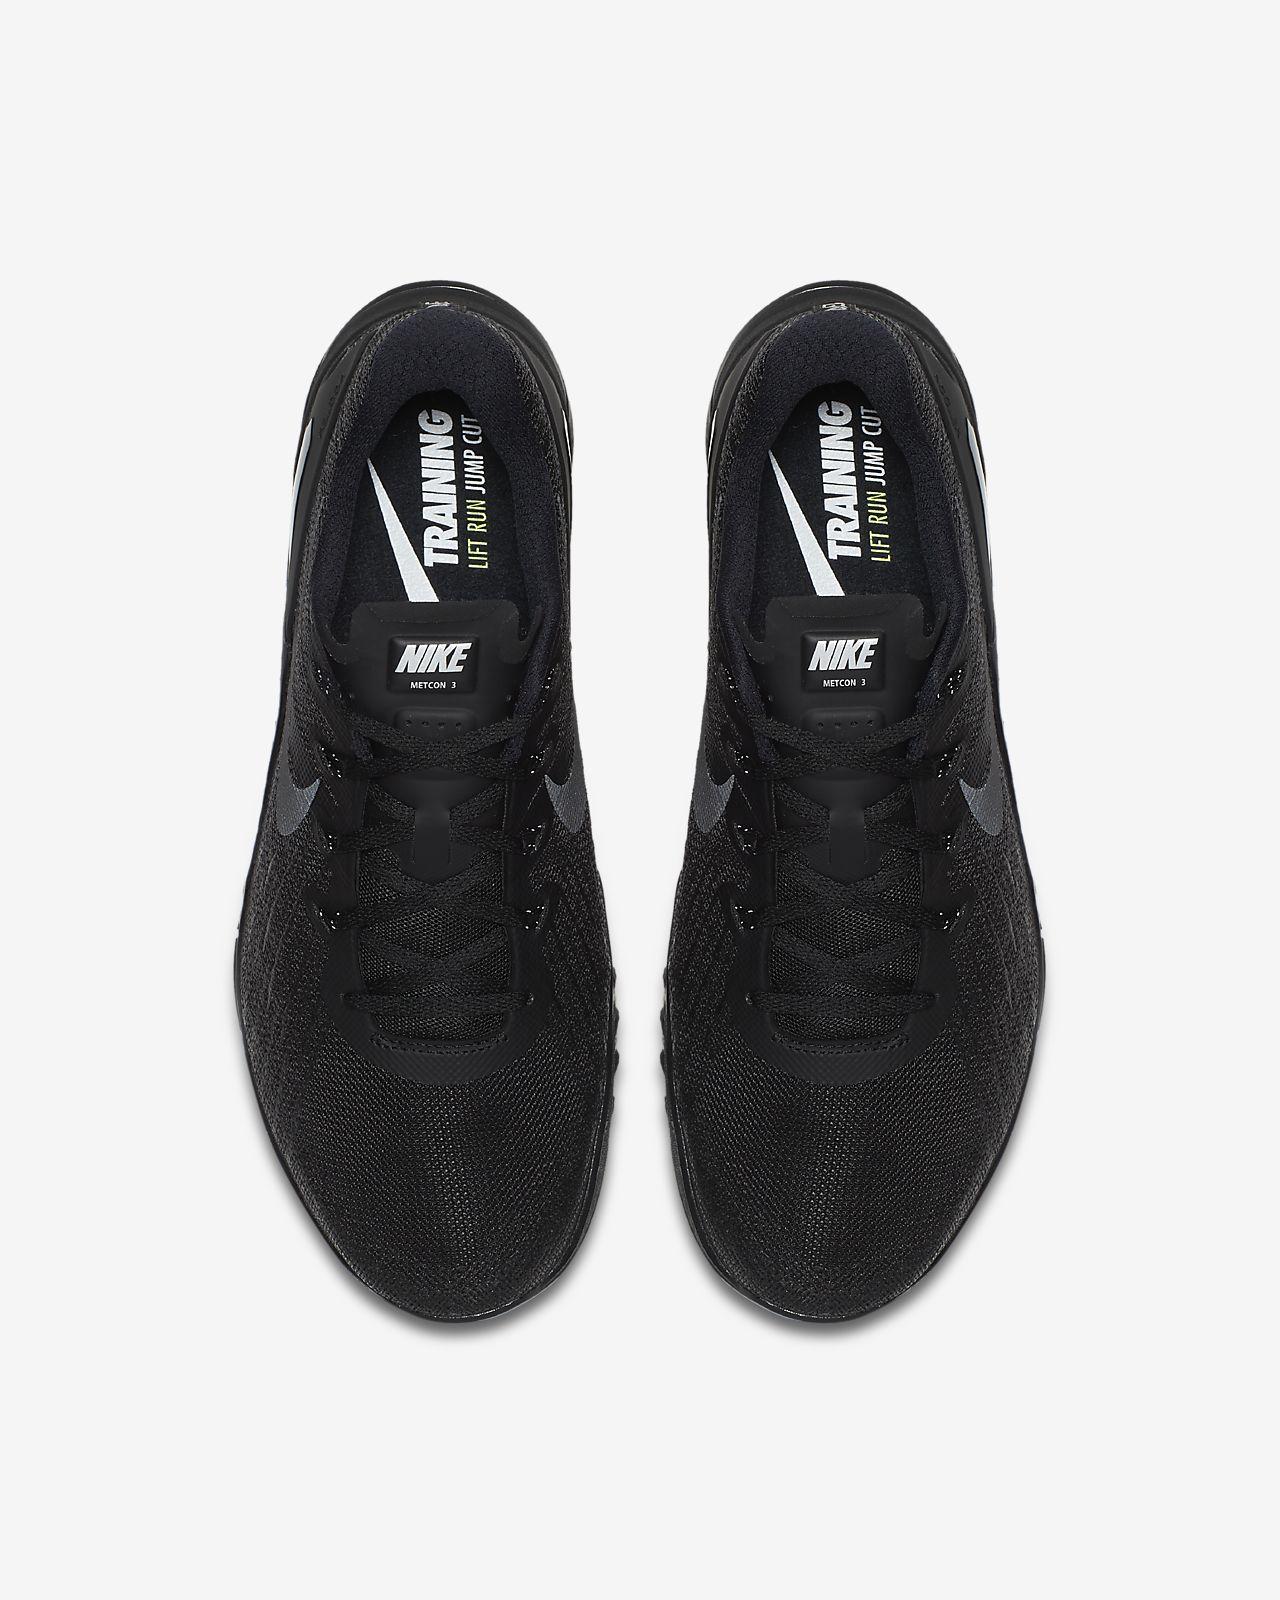 cc8aab0fe61 Nike Metcon 3 Men s Training Shoe. Nike.com AU